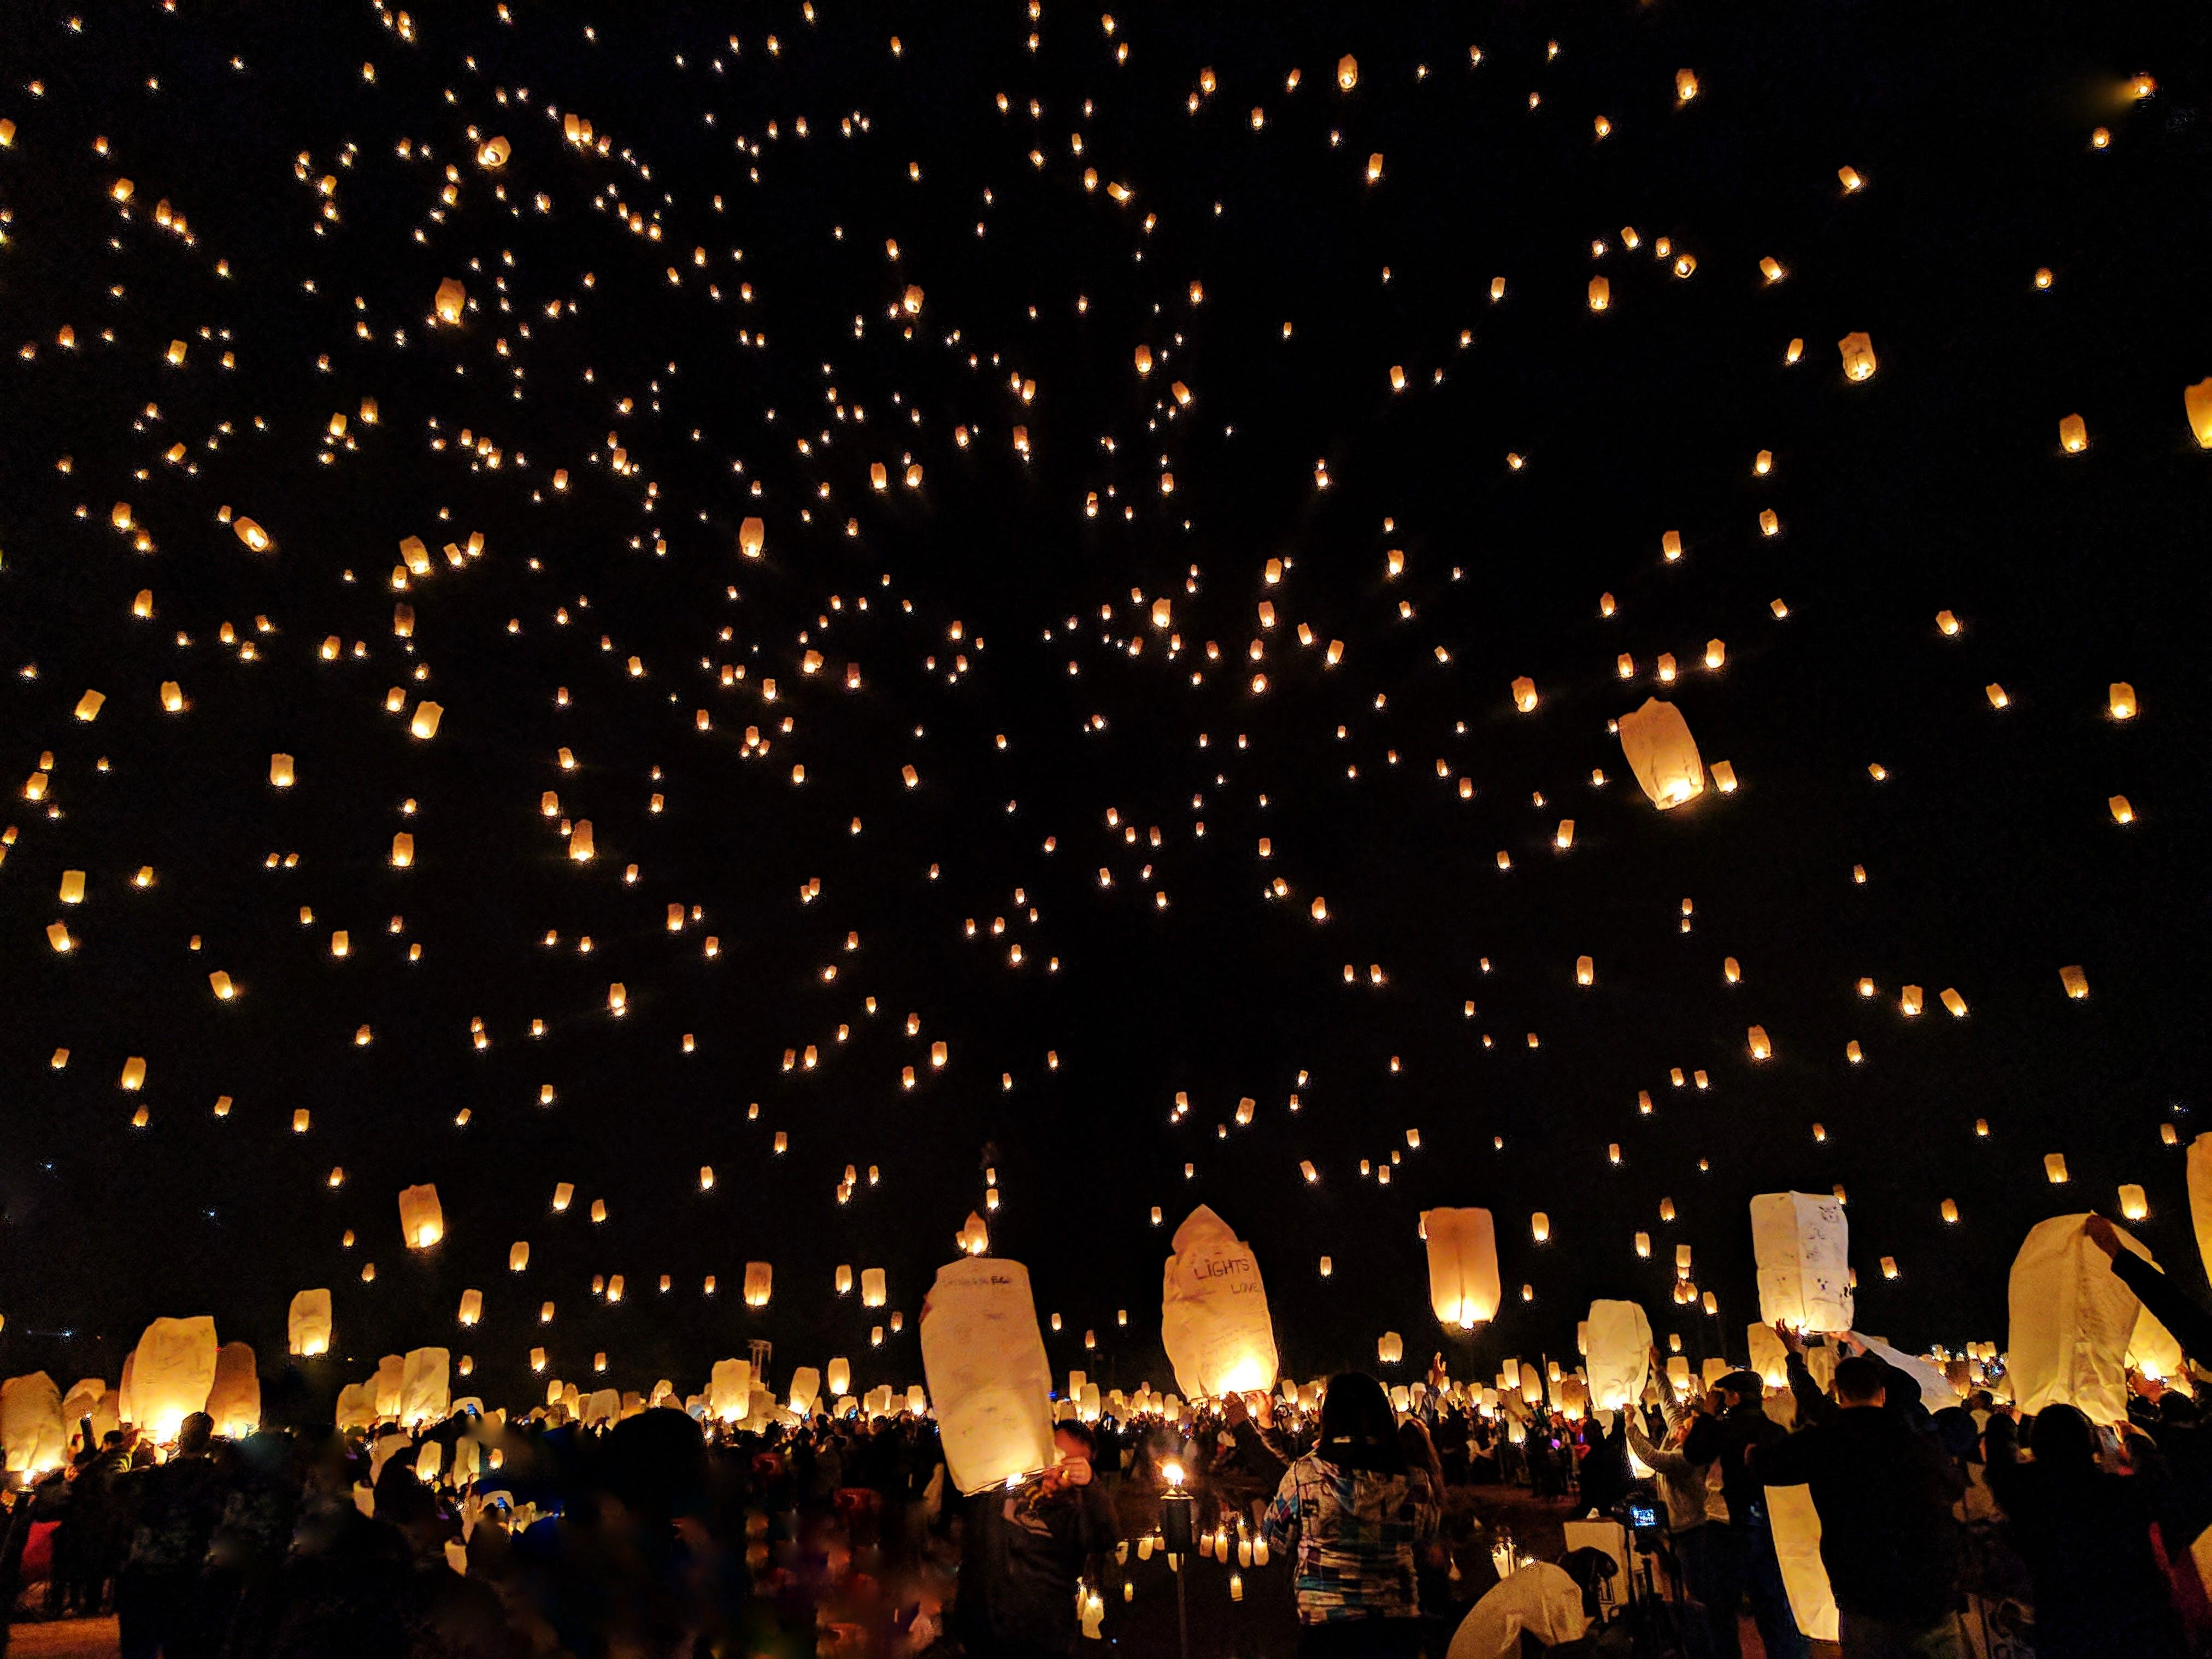 Δωρεάν στοκ φωτογραφιών με diwali, Άνθρωποι, εορτασμός, λάμπες πυρκαγιάς